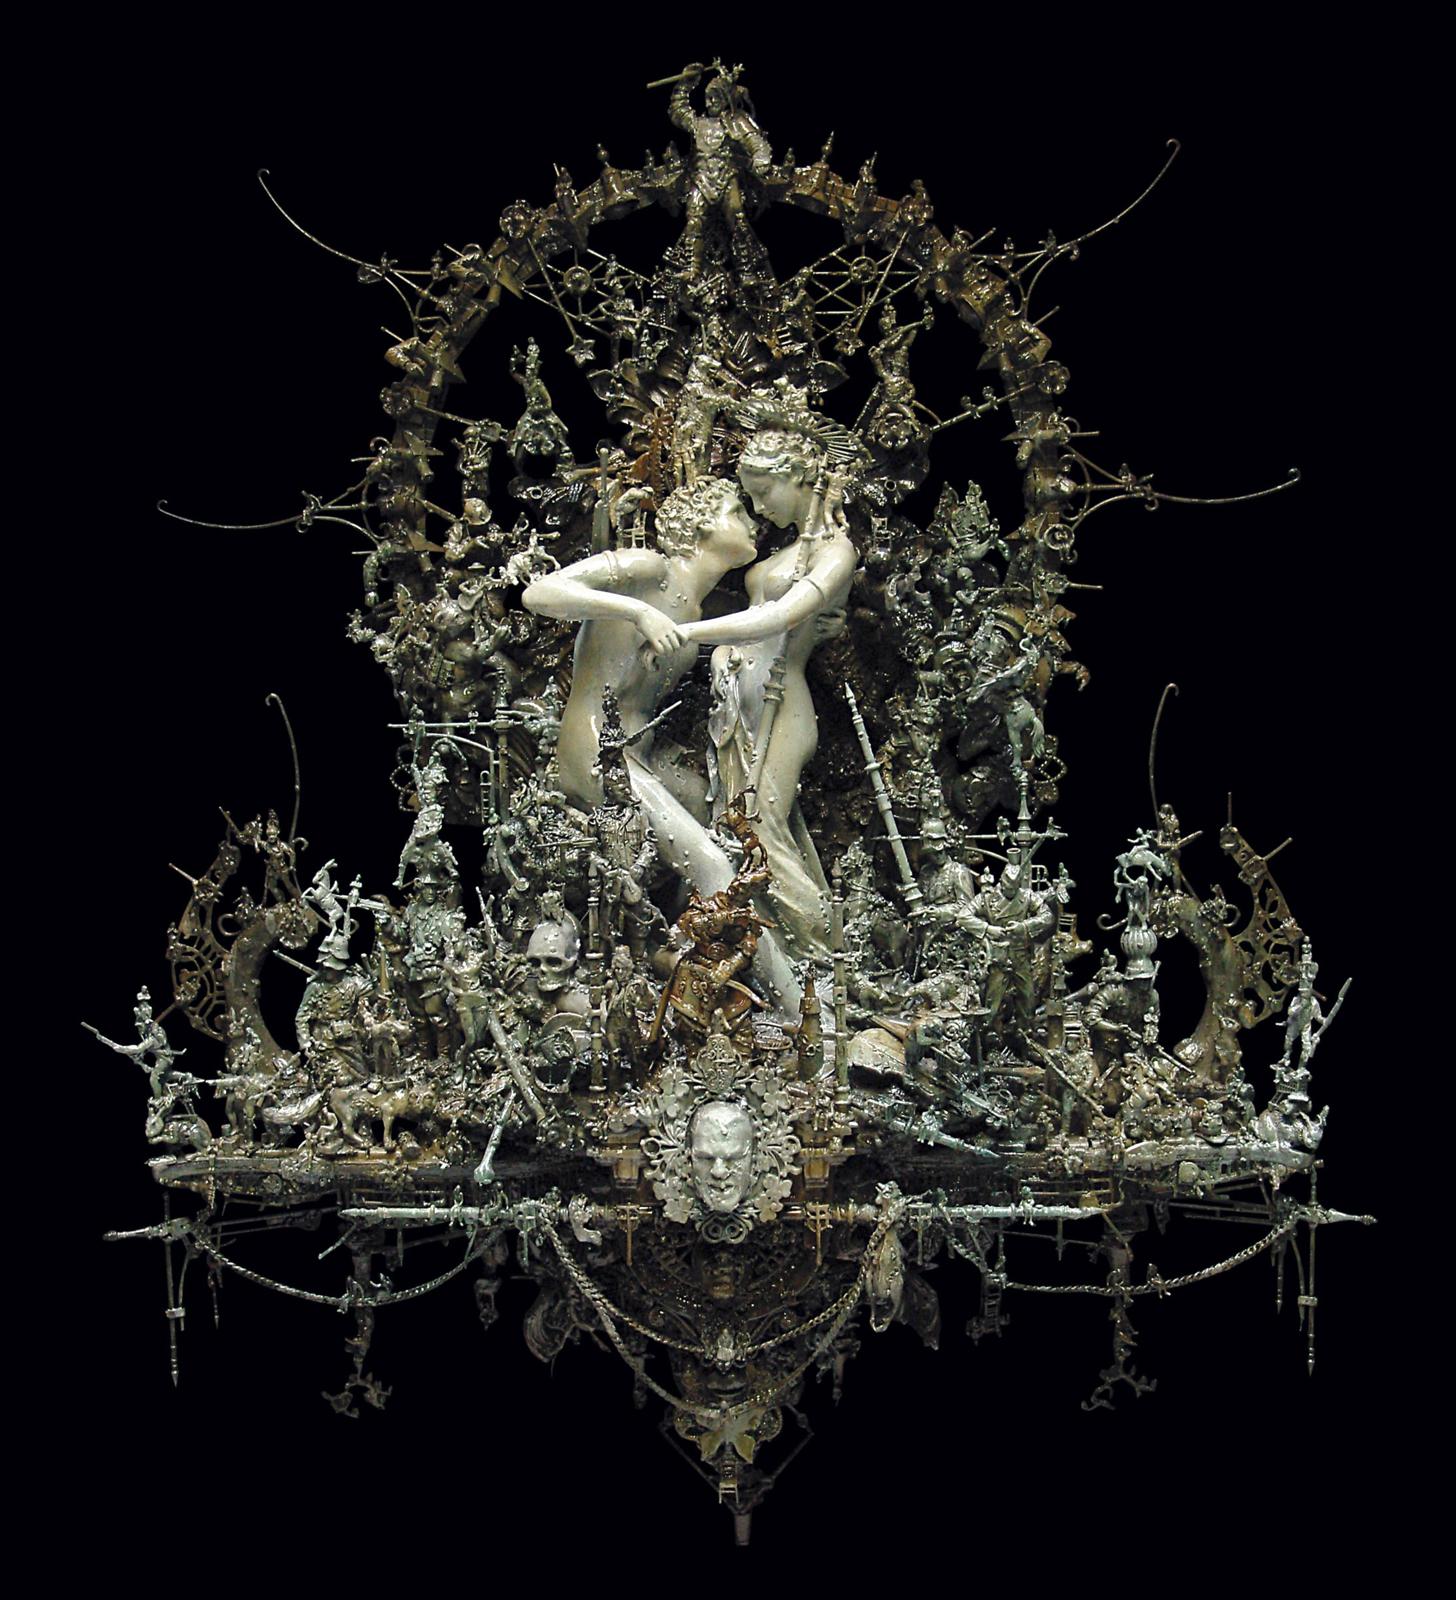 http://www.darkbeautymag.com/wp-content/uploads/2013/02/Kris-Kuksi-Reticent-Affair.jpg